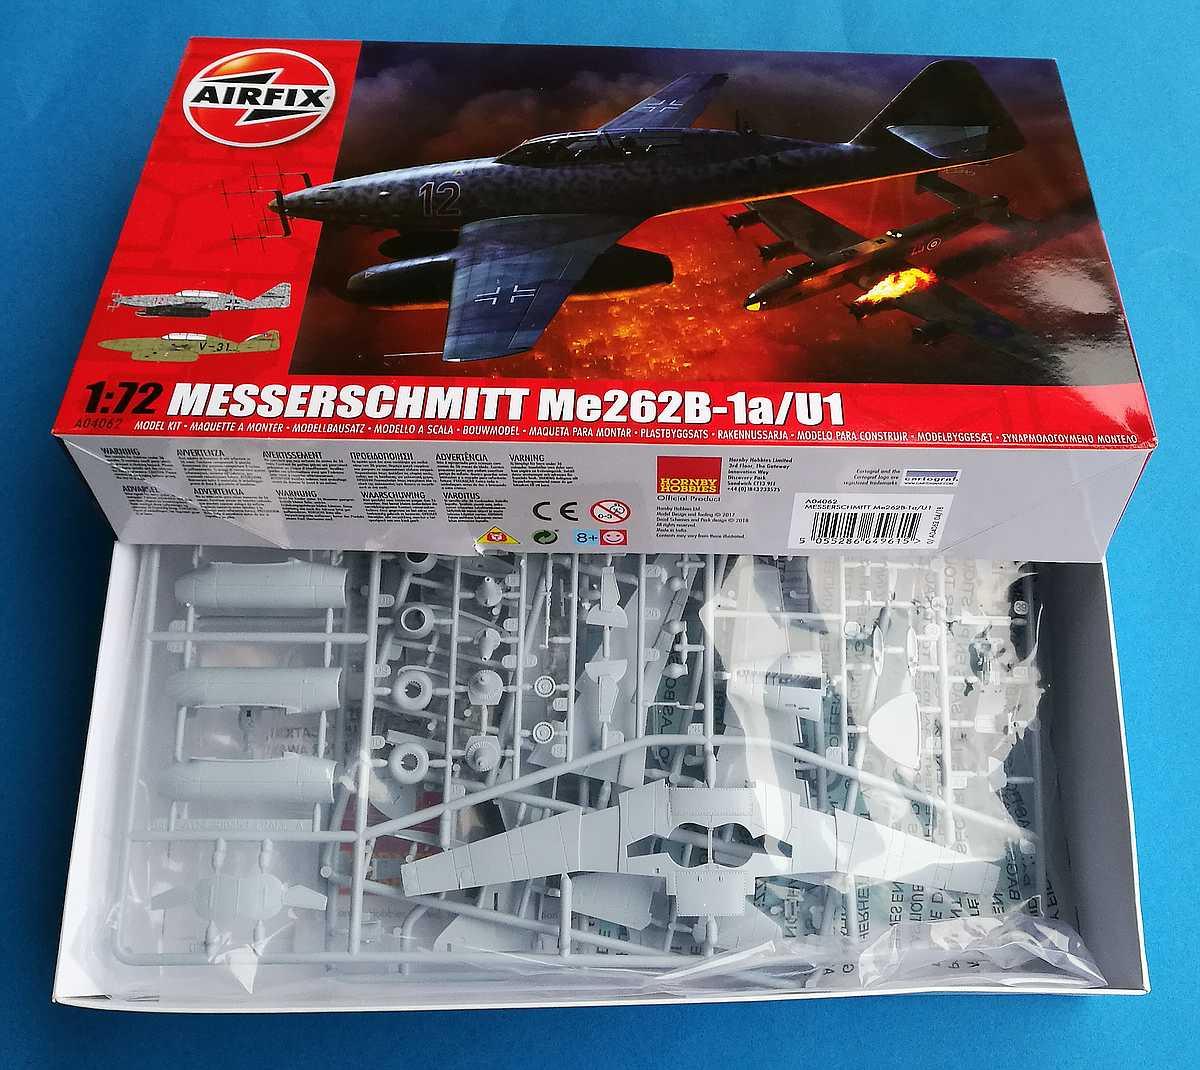 Airfix-A04062-Messerschmitt-Me-262-B-1a-10 Messerschmitt Me 262 B-1a im Maßstab 1:72 von Airfix A04062